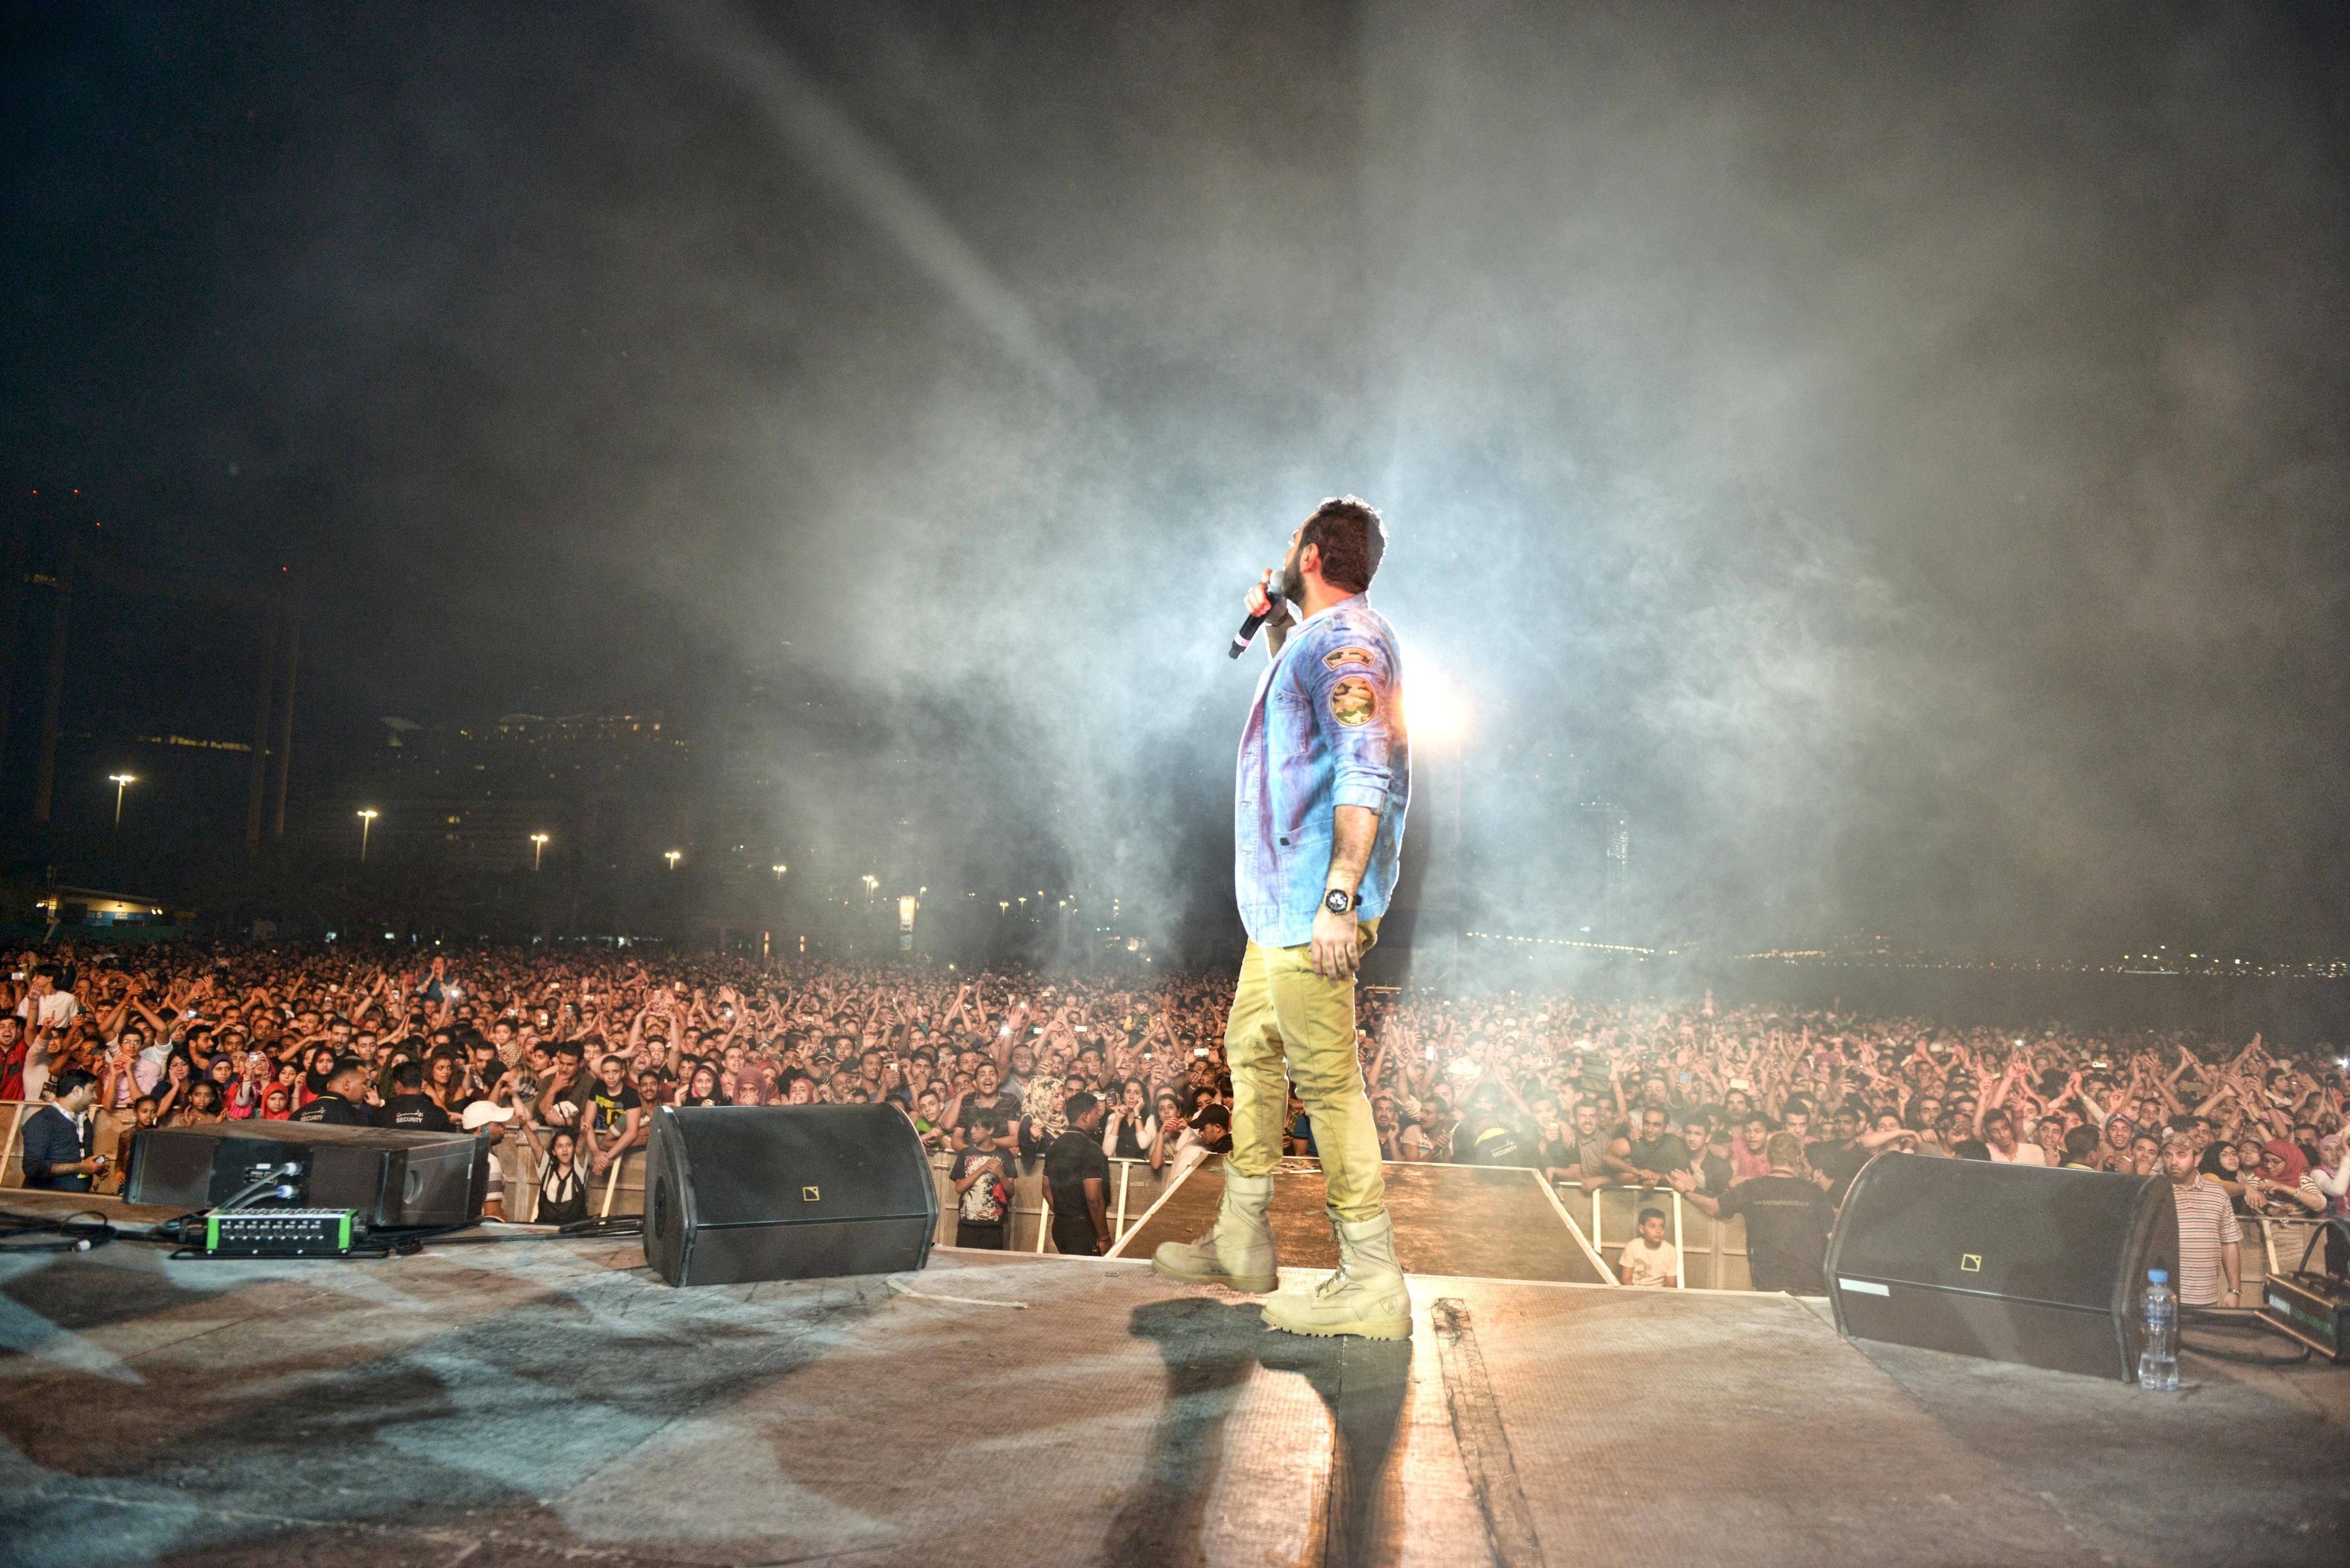 Egyptian singer cancels Beirut concert